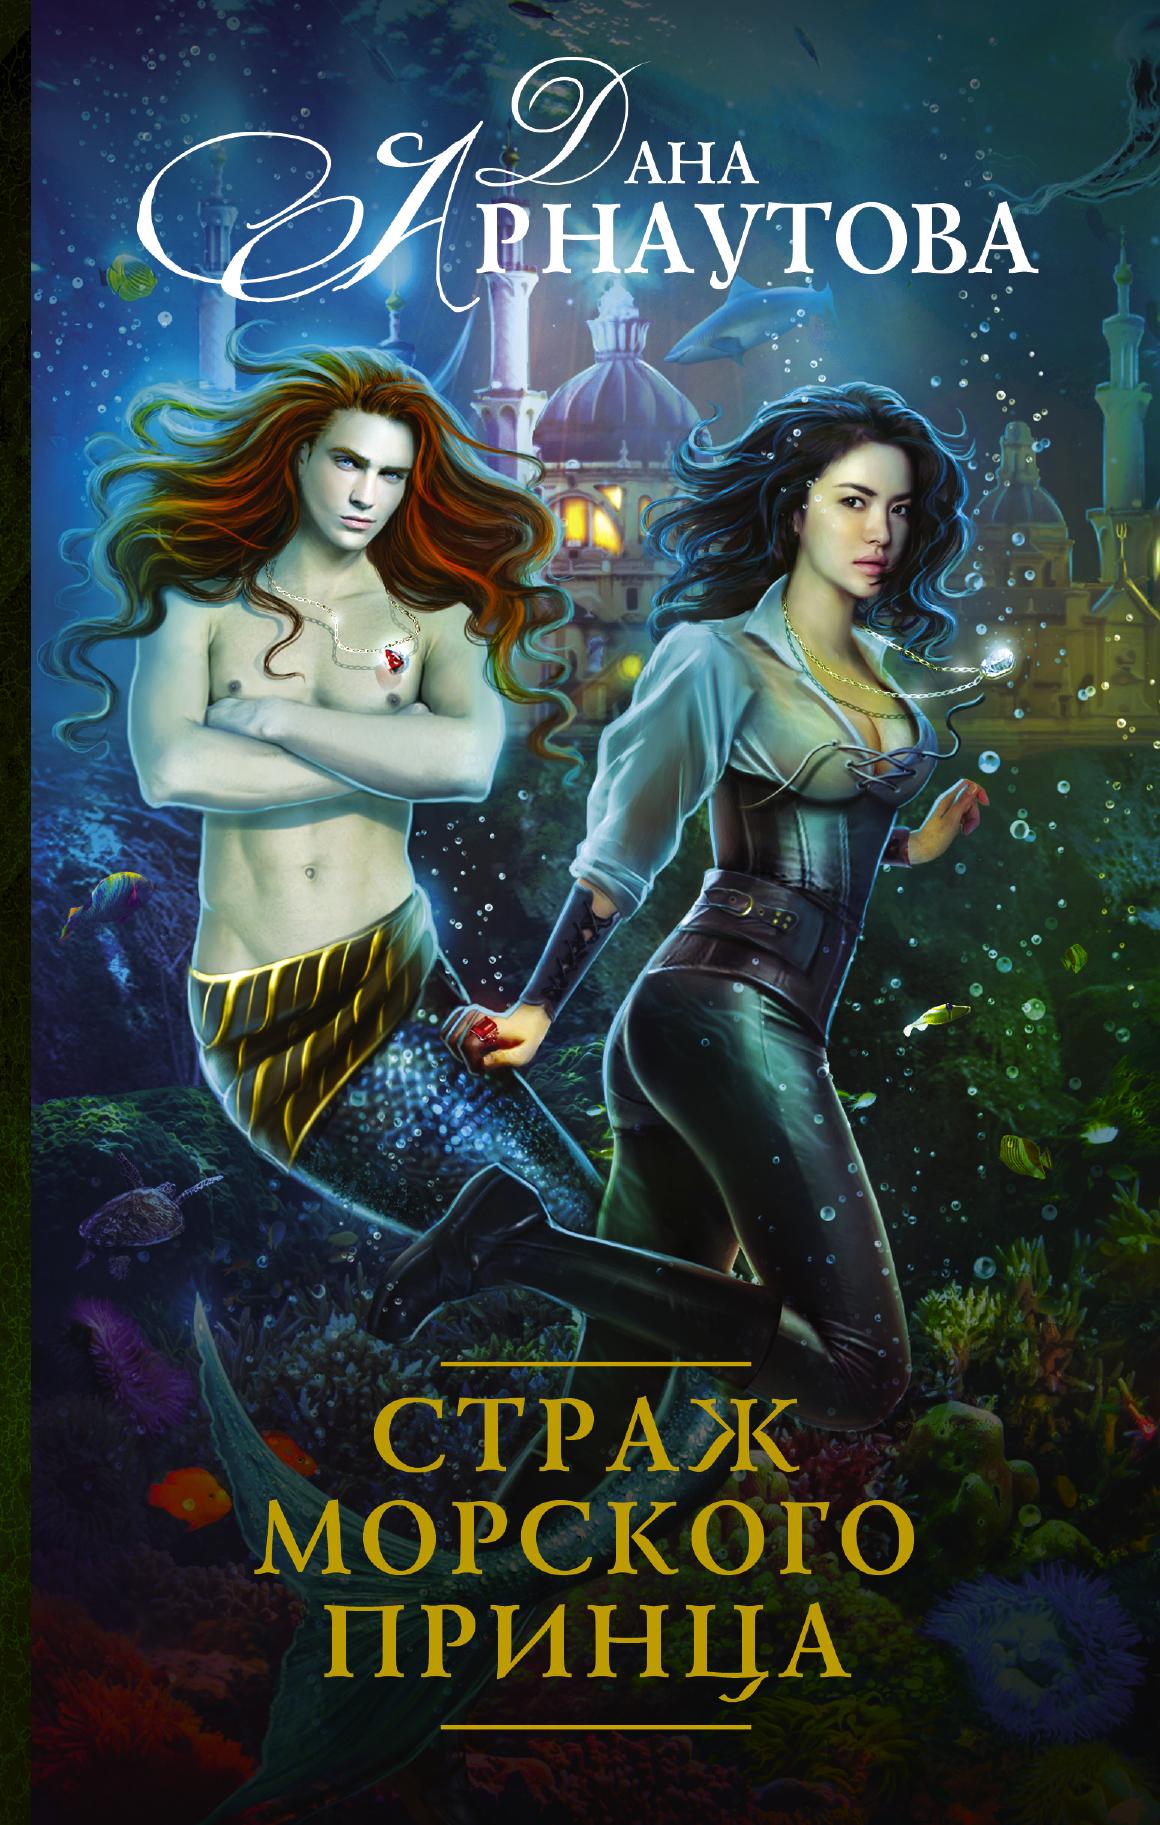 Дана арнаутова страж морского принца 2 книги скачать